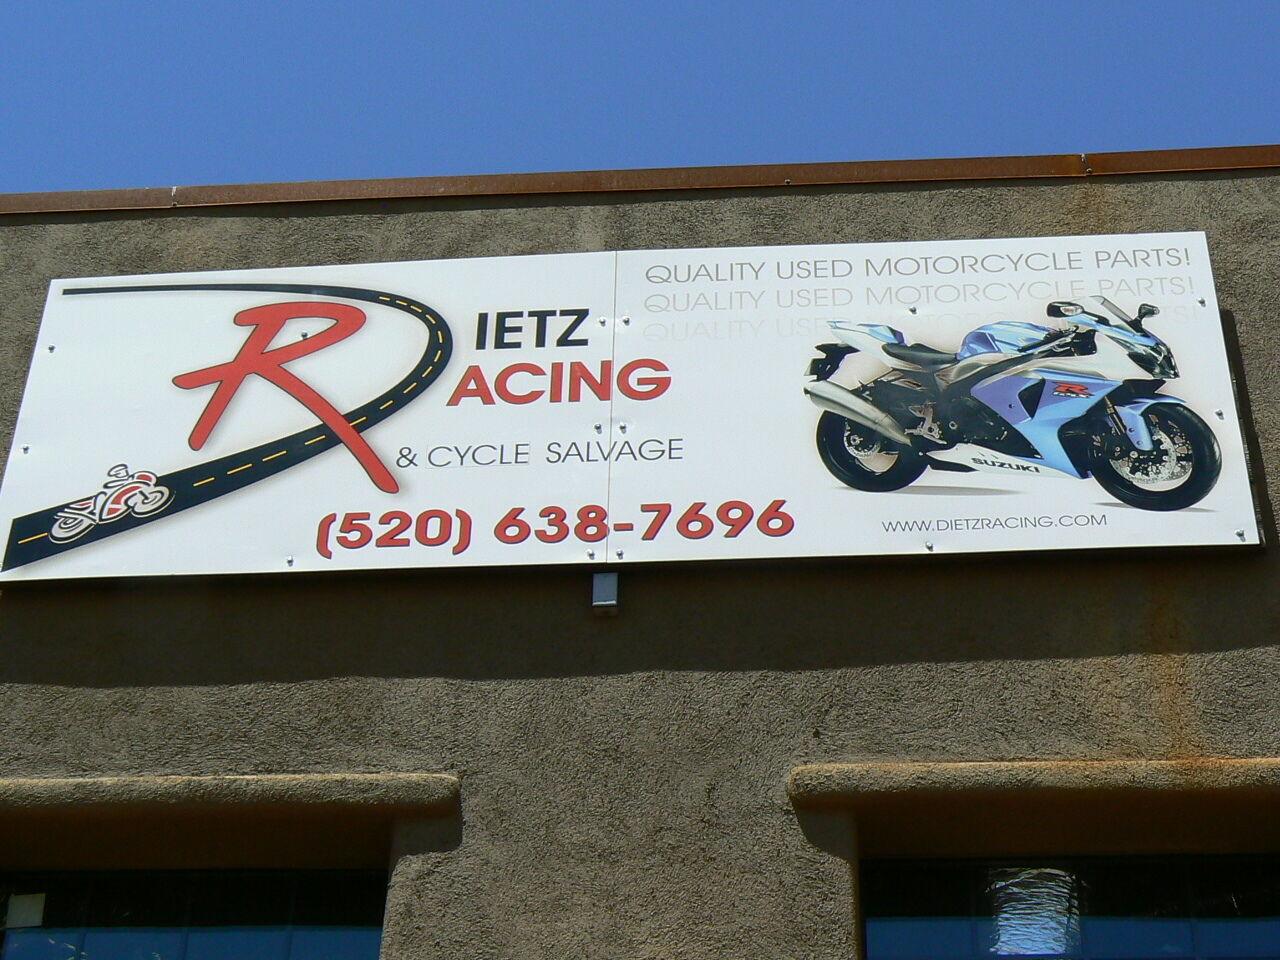 Dietz Racing